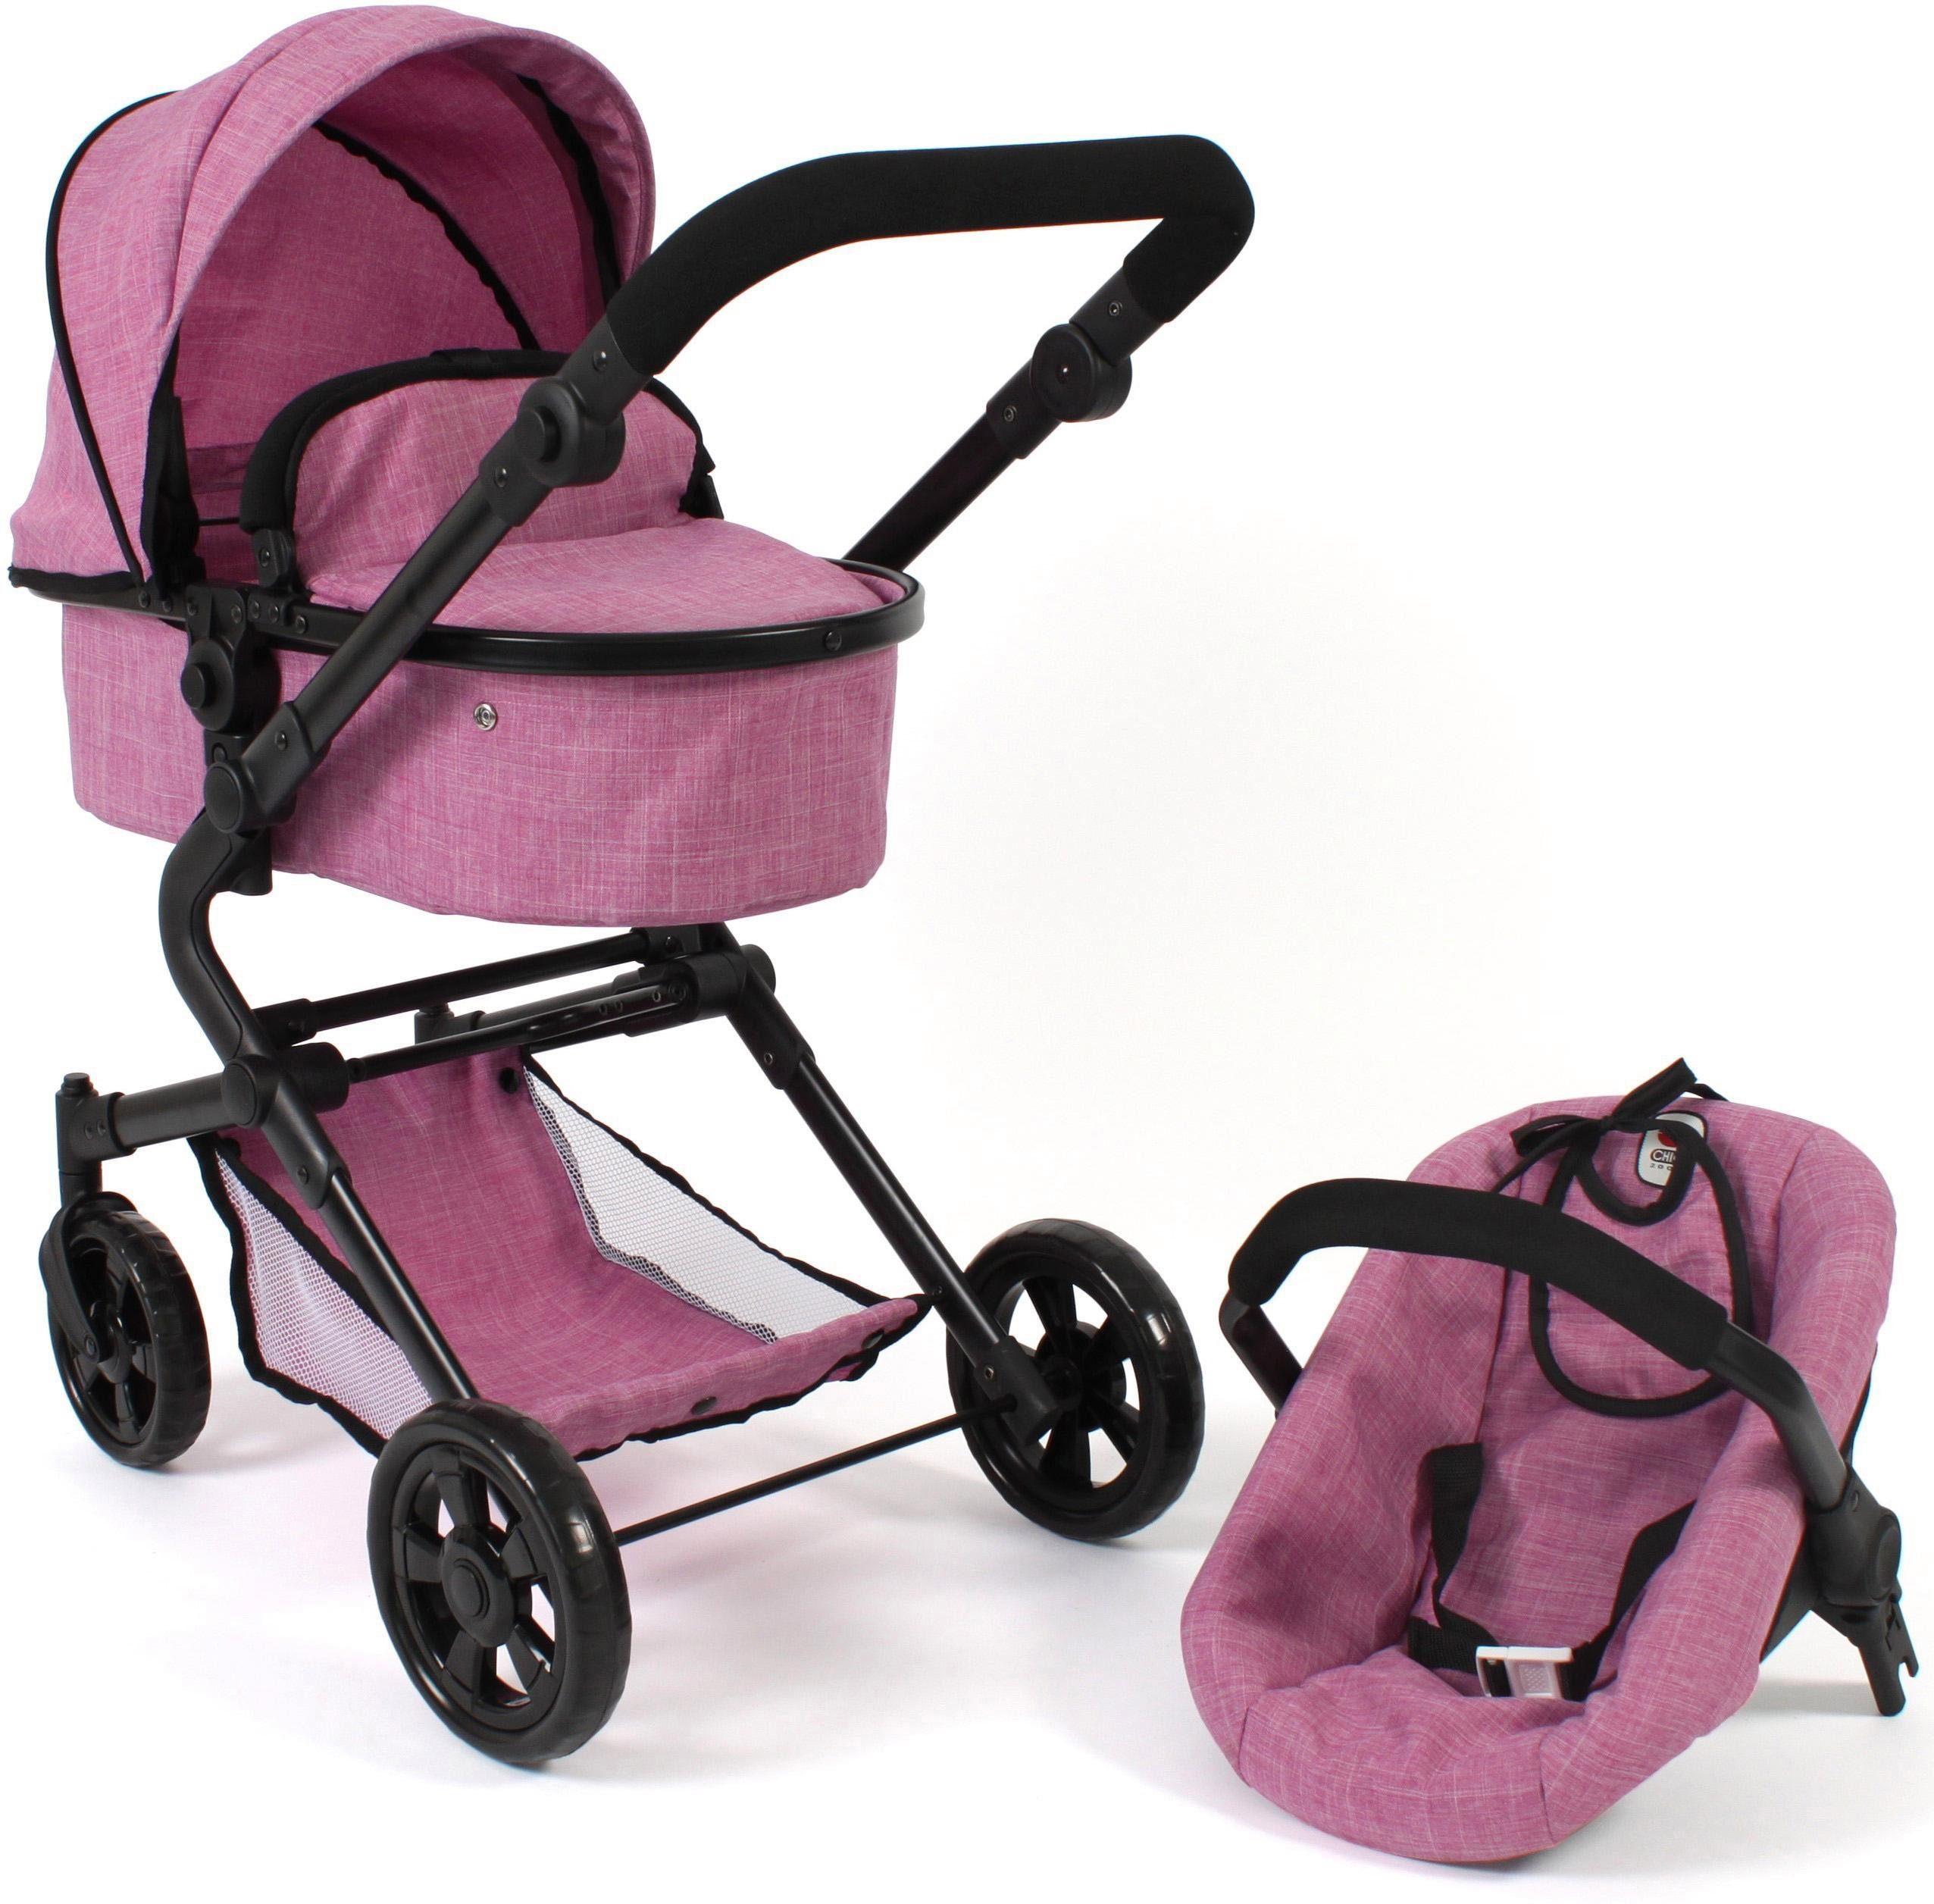 CHIC2000 Kombi-Puppenwagen Lia, Jeans pink, mit Puppen-Autositz rosa Kinder Puppenzubehör Puppen